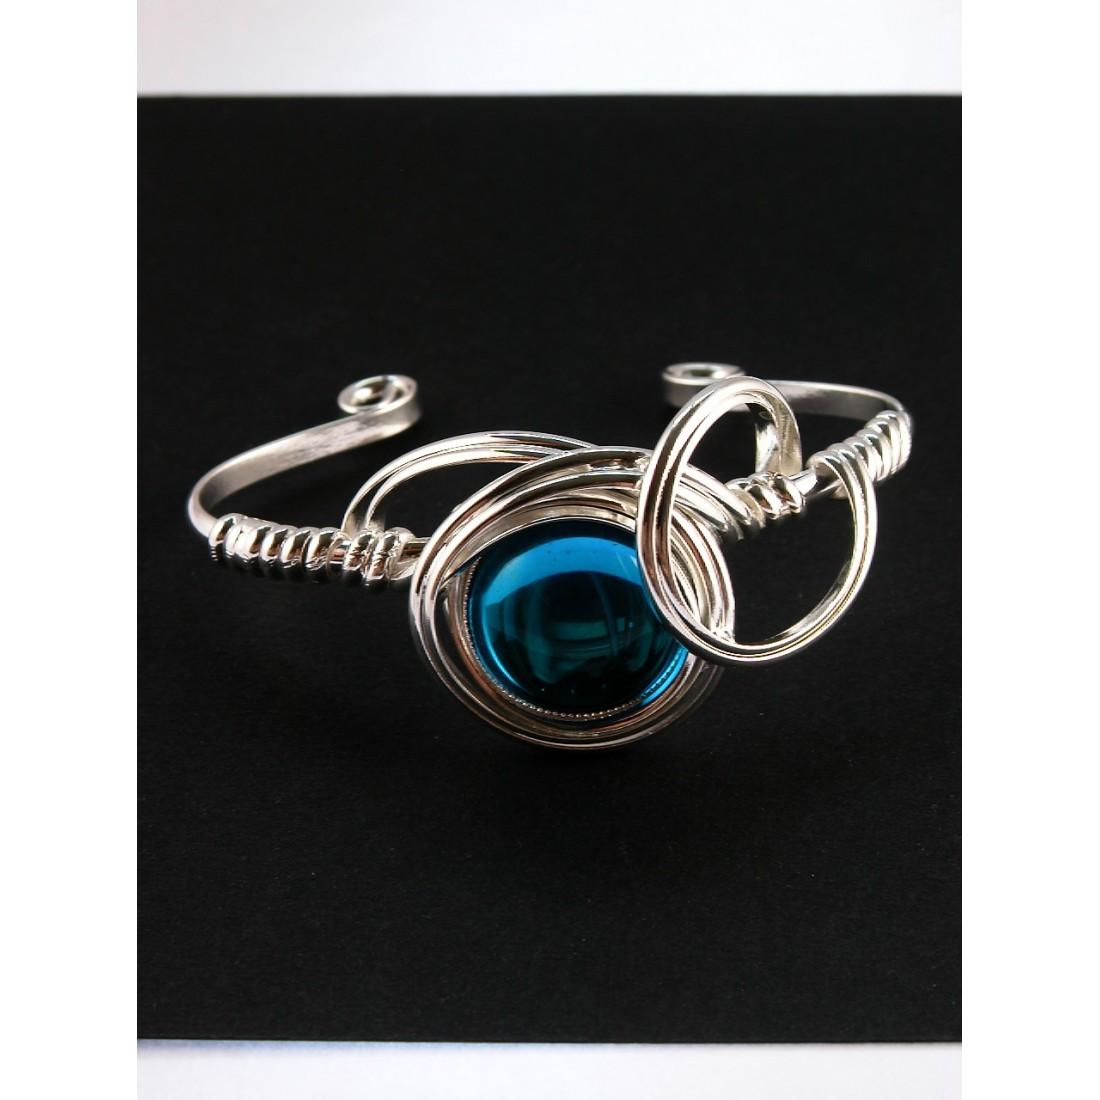 Très joli bracelet avec une pierre de couleur aigue-marine.